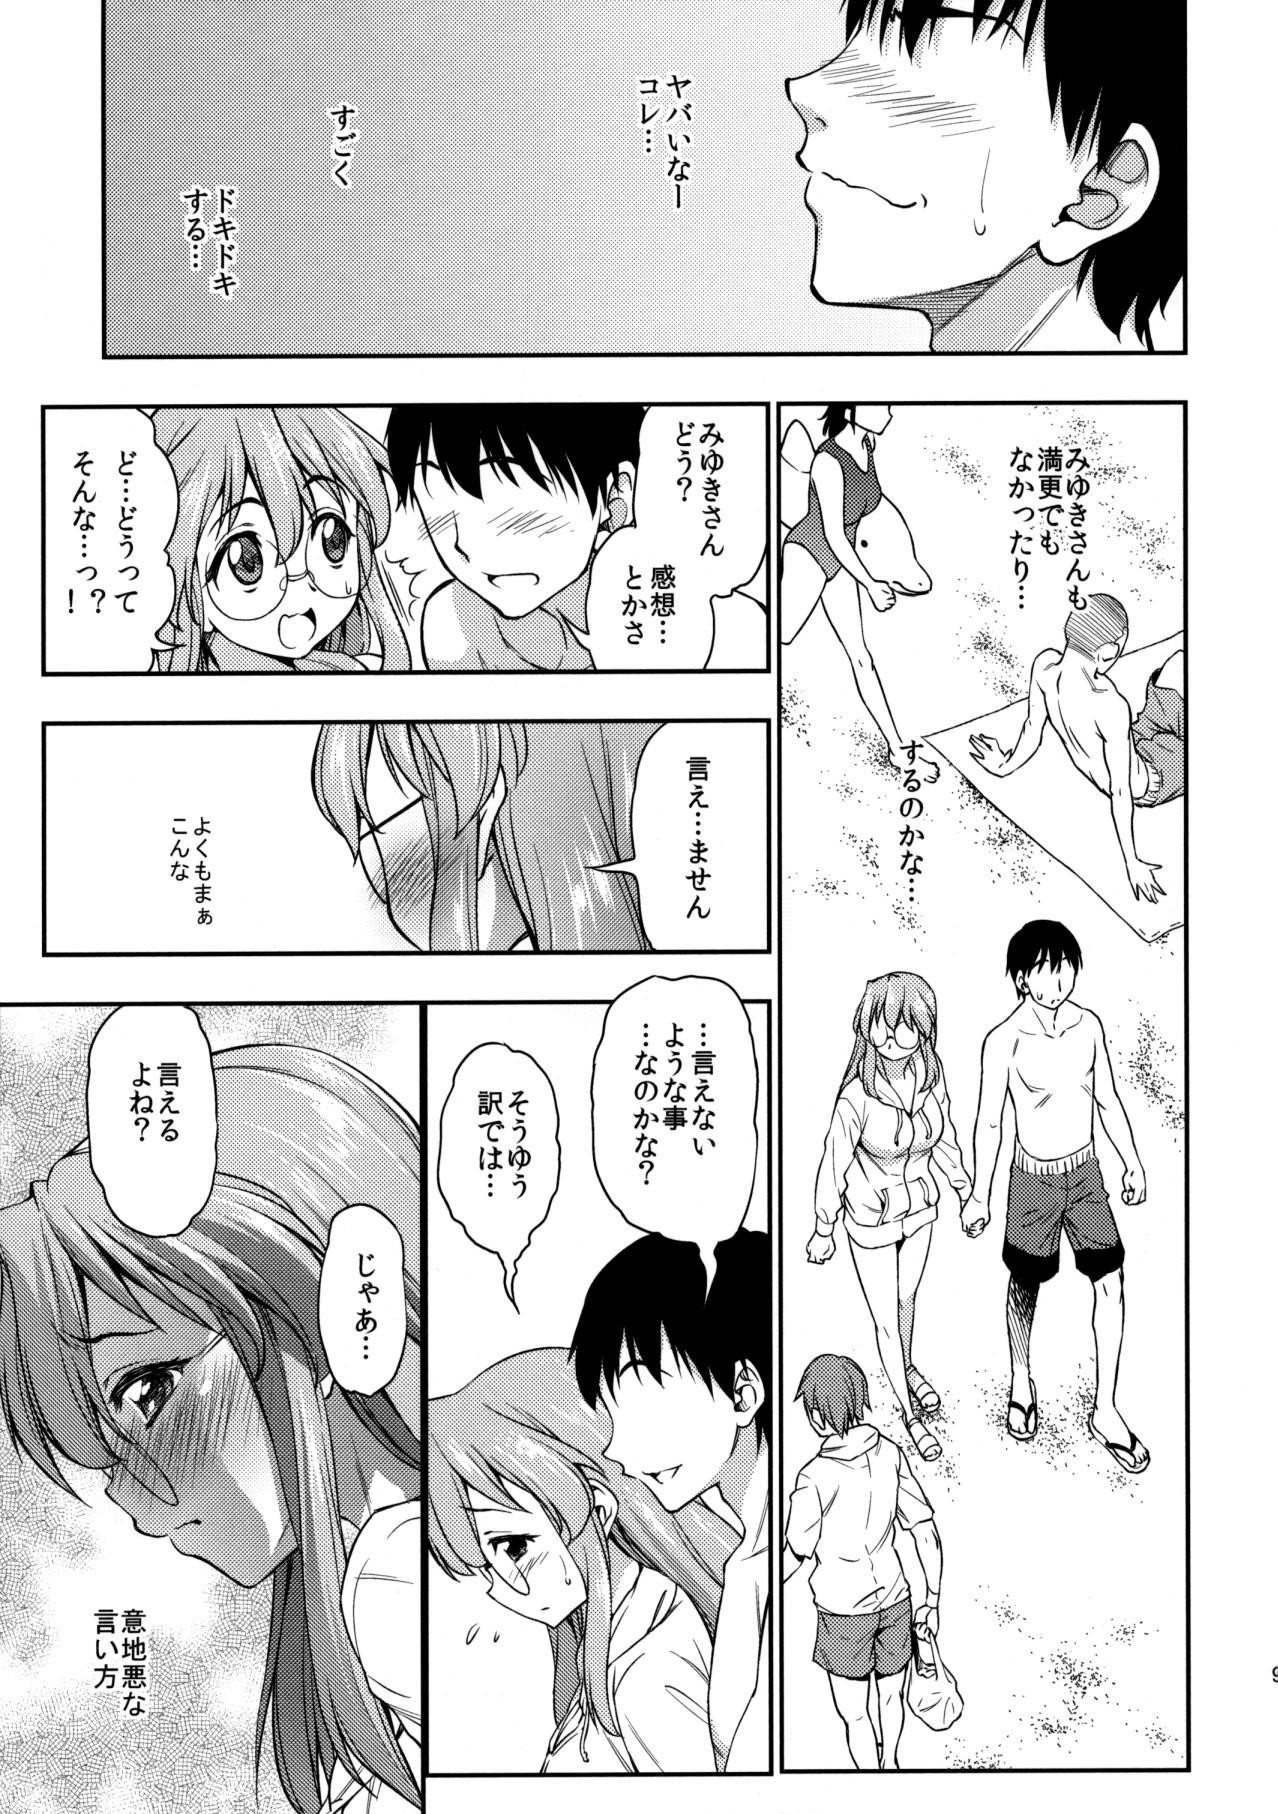 Natsu ga Kimi o Irodoru 7